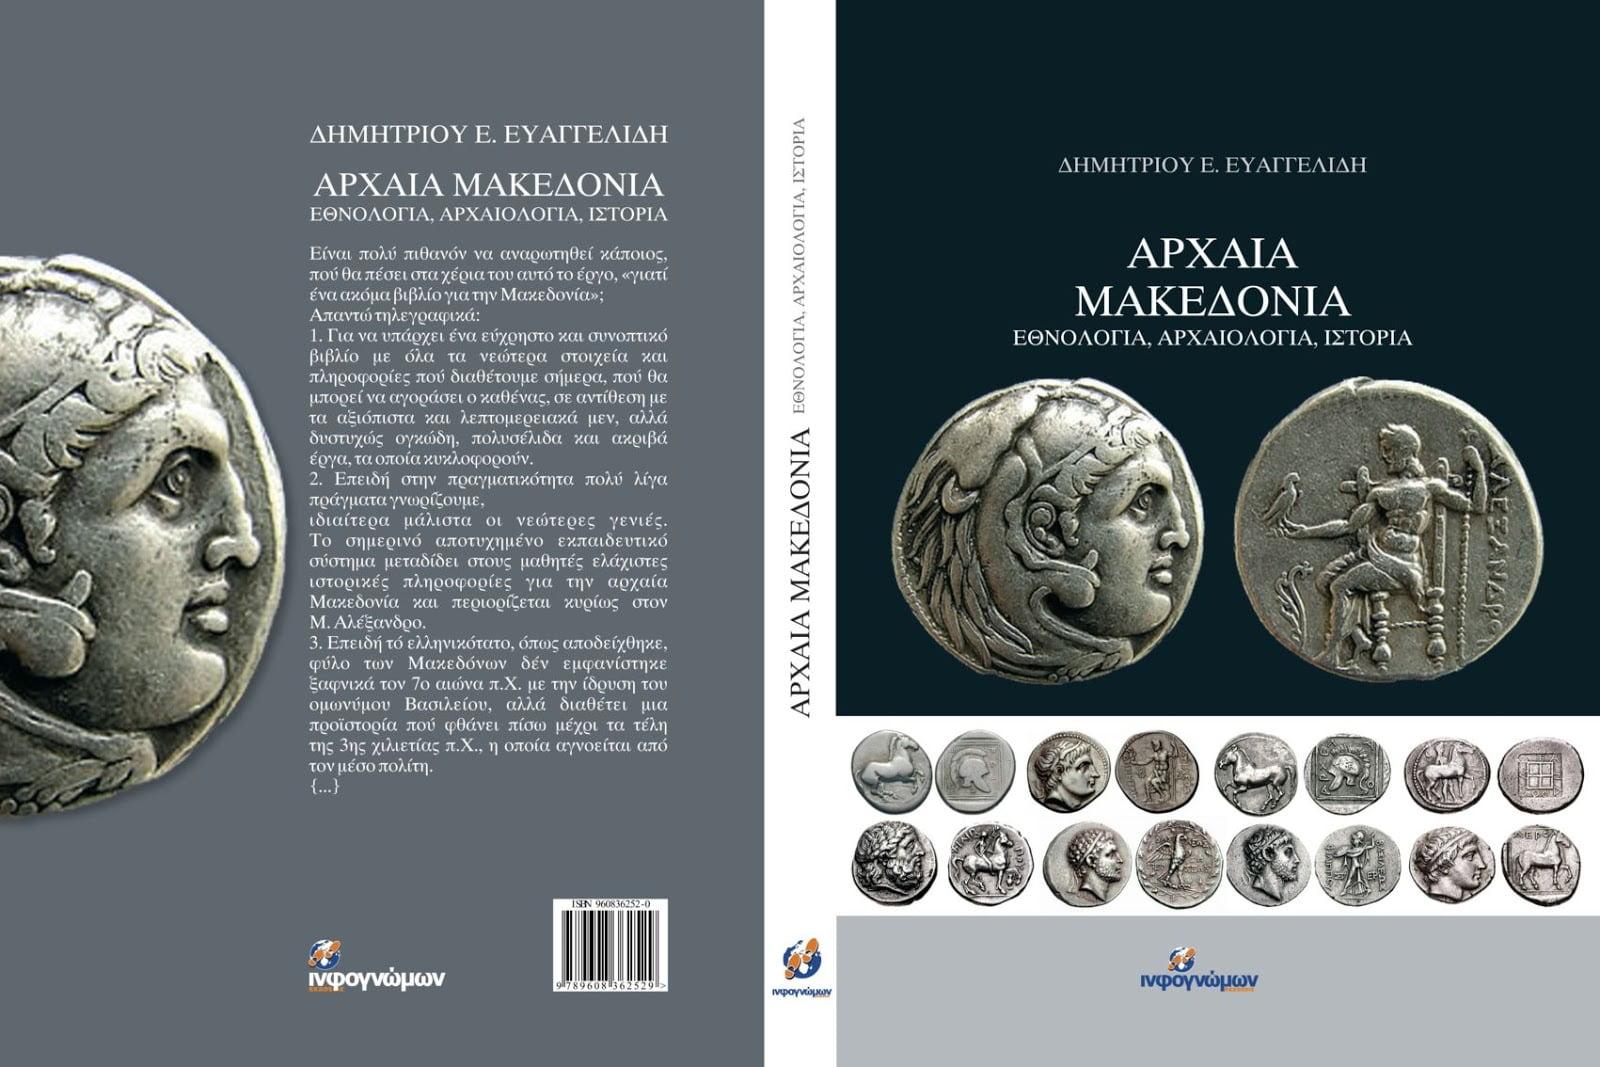 Δύο εκδόσεις για τη Μακεδονία – Να διαβάσουν για να μορφωθούν οι πολιτικοί που ετοιμάζονται για τις… μεγάλες υπογραφές